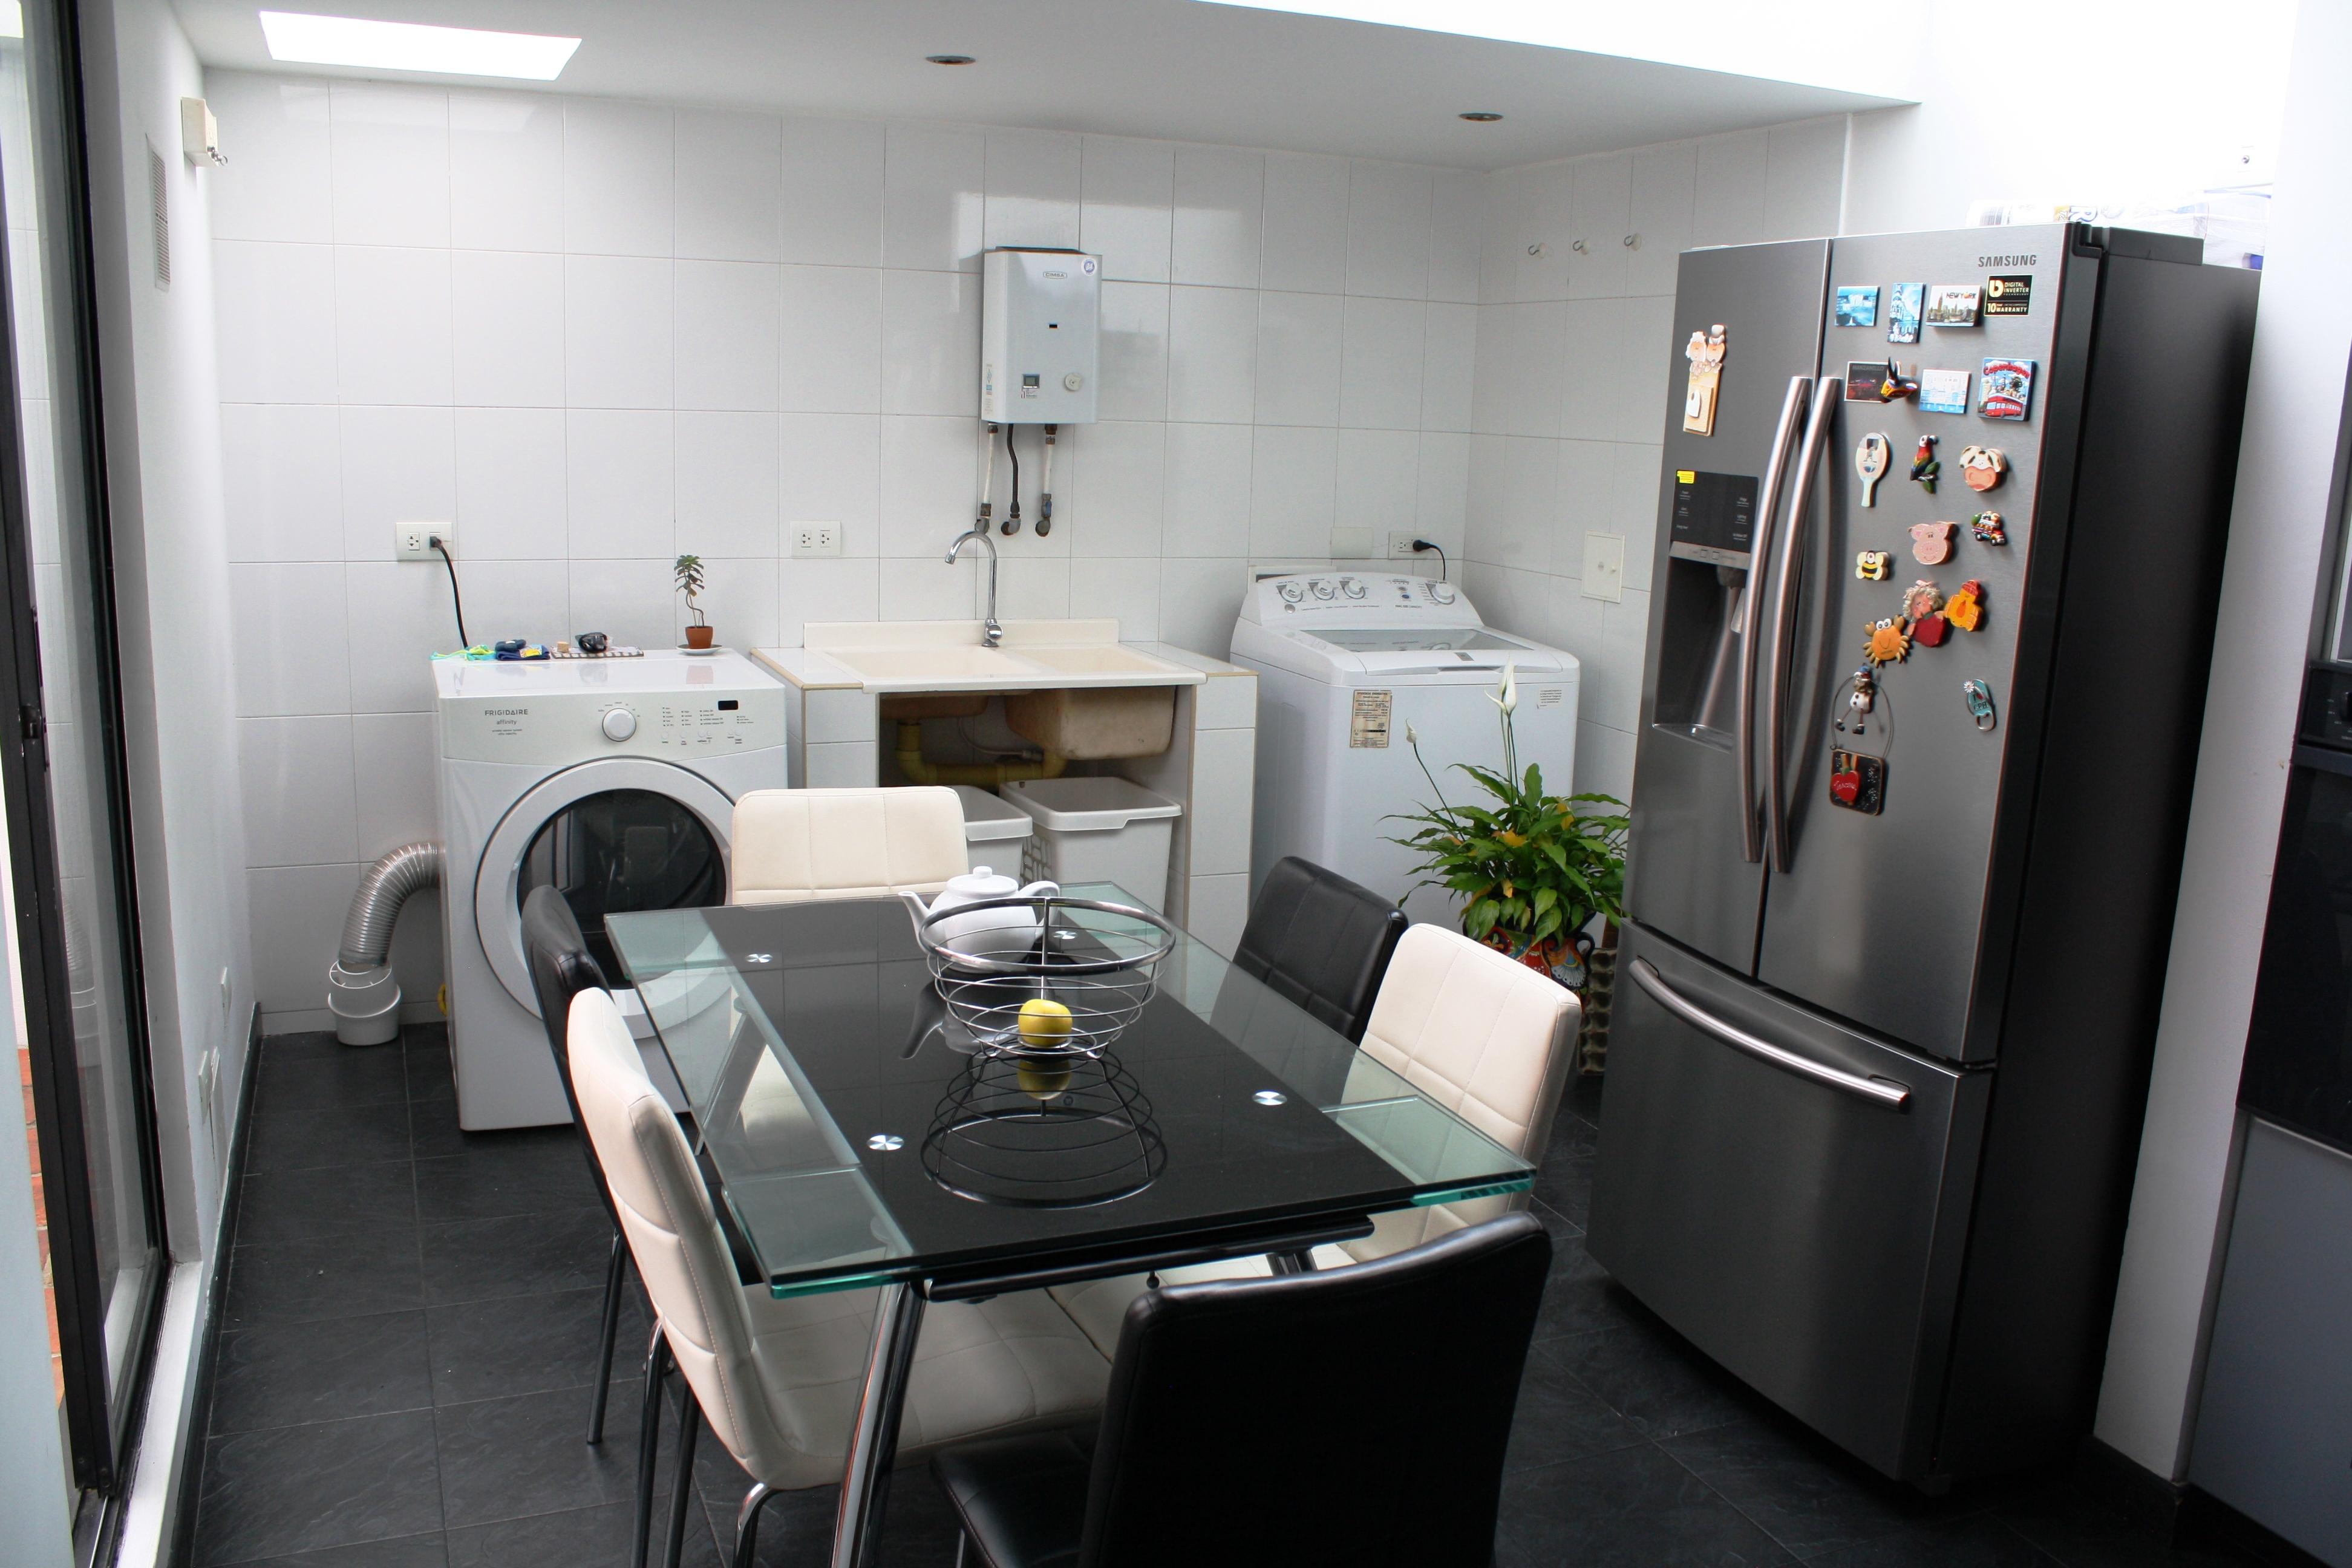 Cocina y Zona de Ropas Modificadas